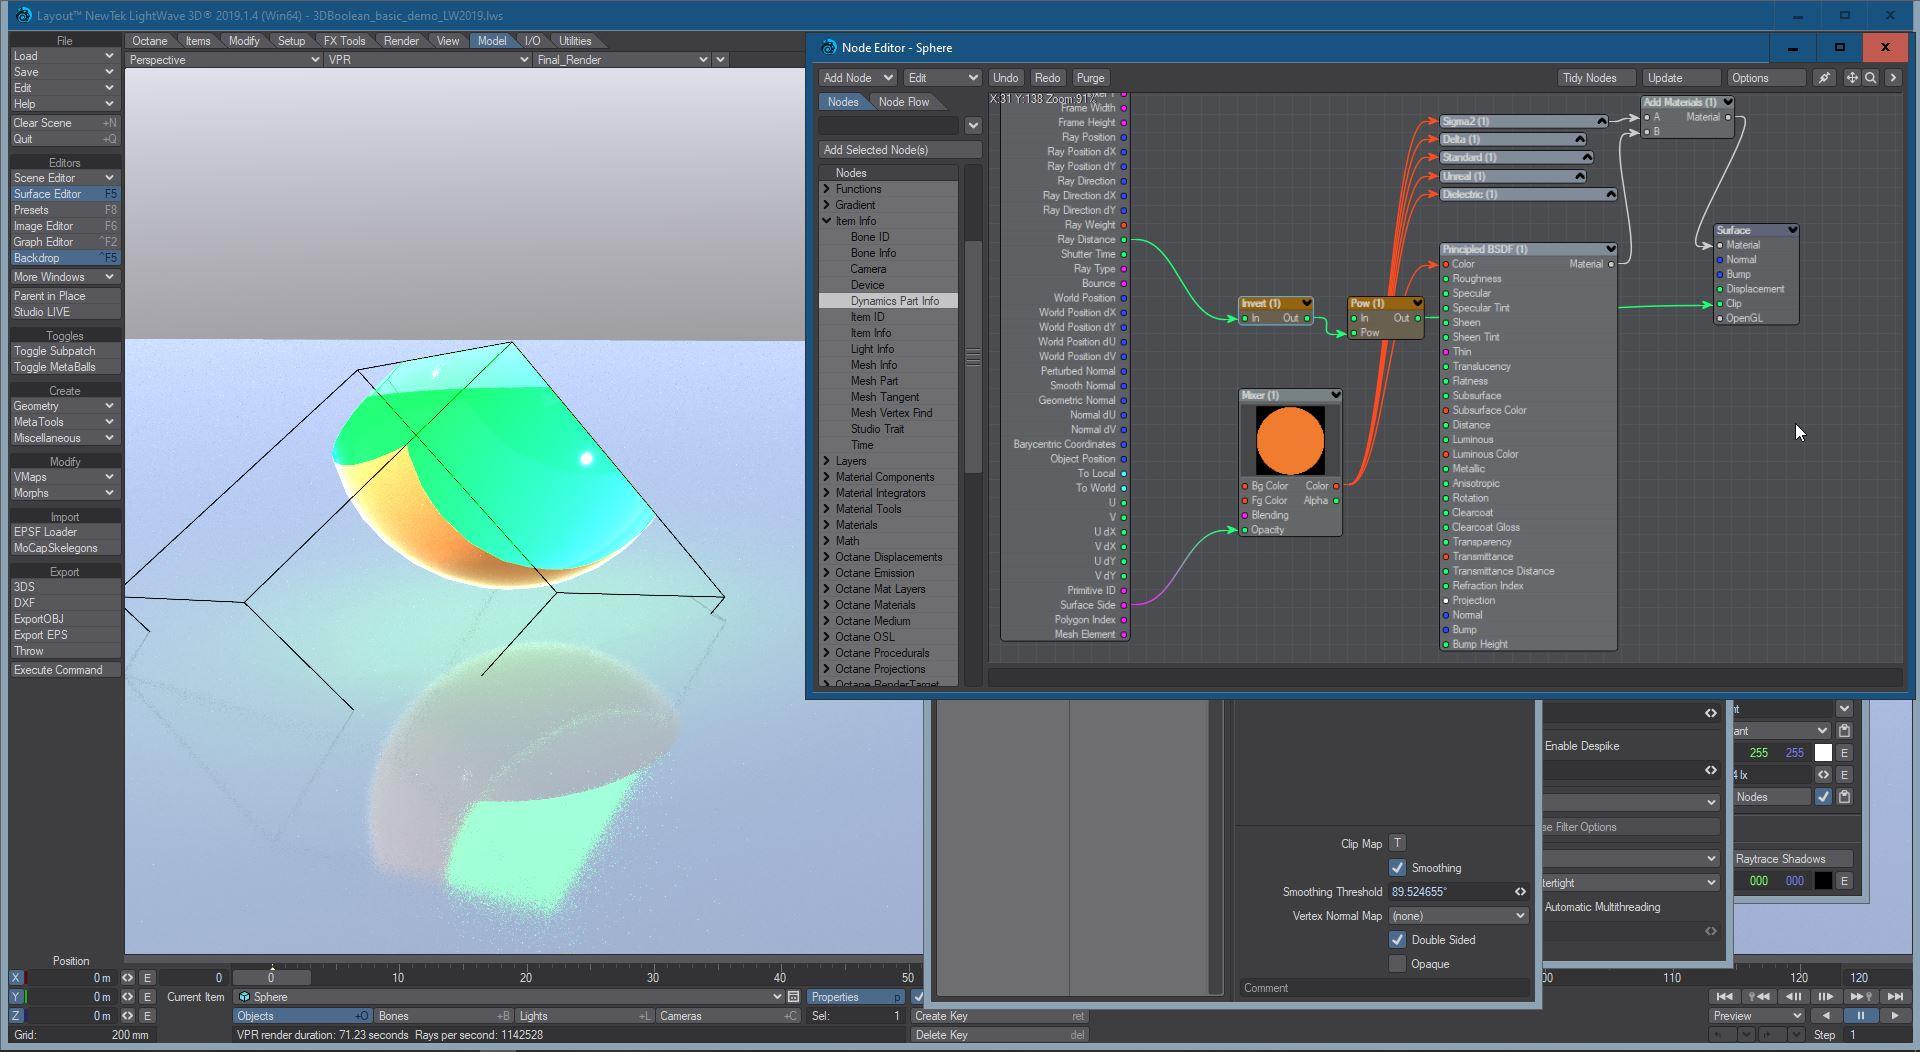 Nome: 2020-02-14 14_24_00-Layout™ NewTek LightWave 3D® 2019.1.4 (Win64) - 3DBoolean_basic_demo_LW2019..jpg Visite: 112 Dimensione: 240.9 KB